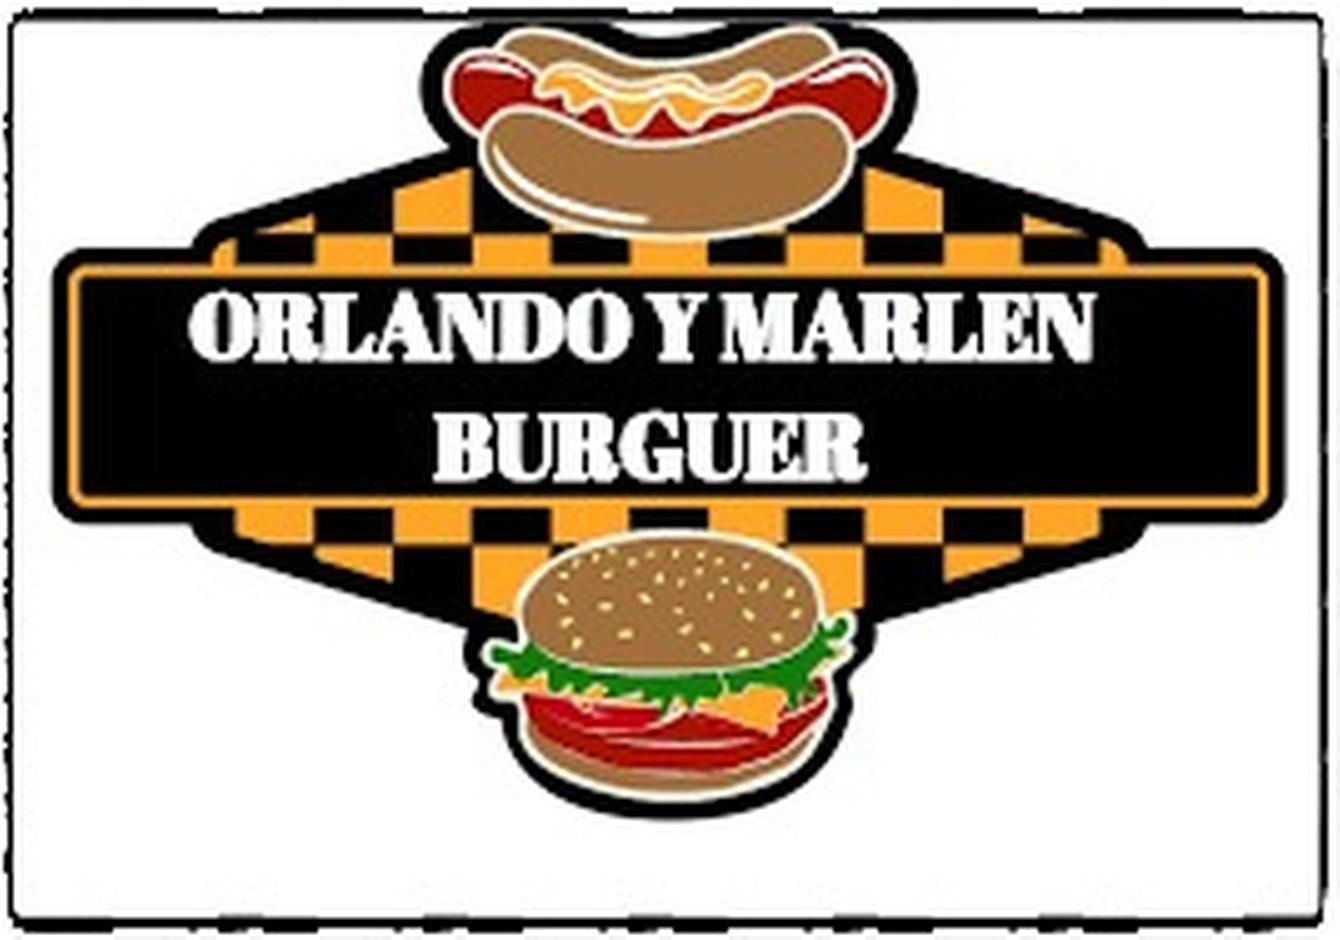 Orlando & Marlen Burguer